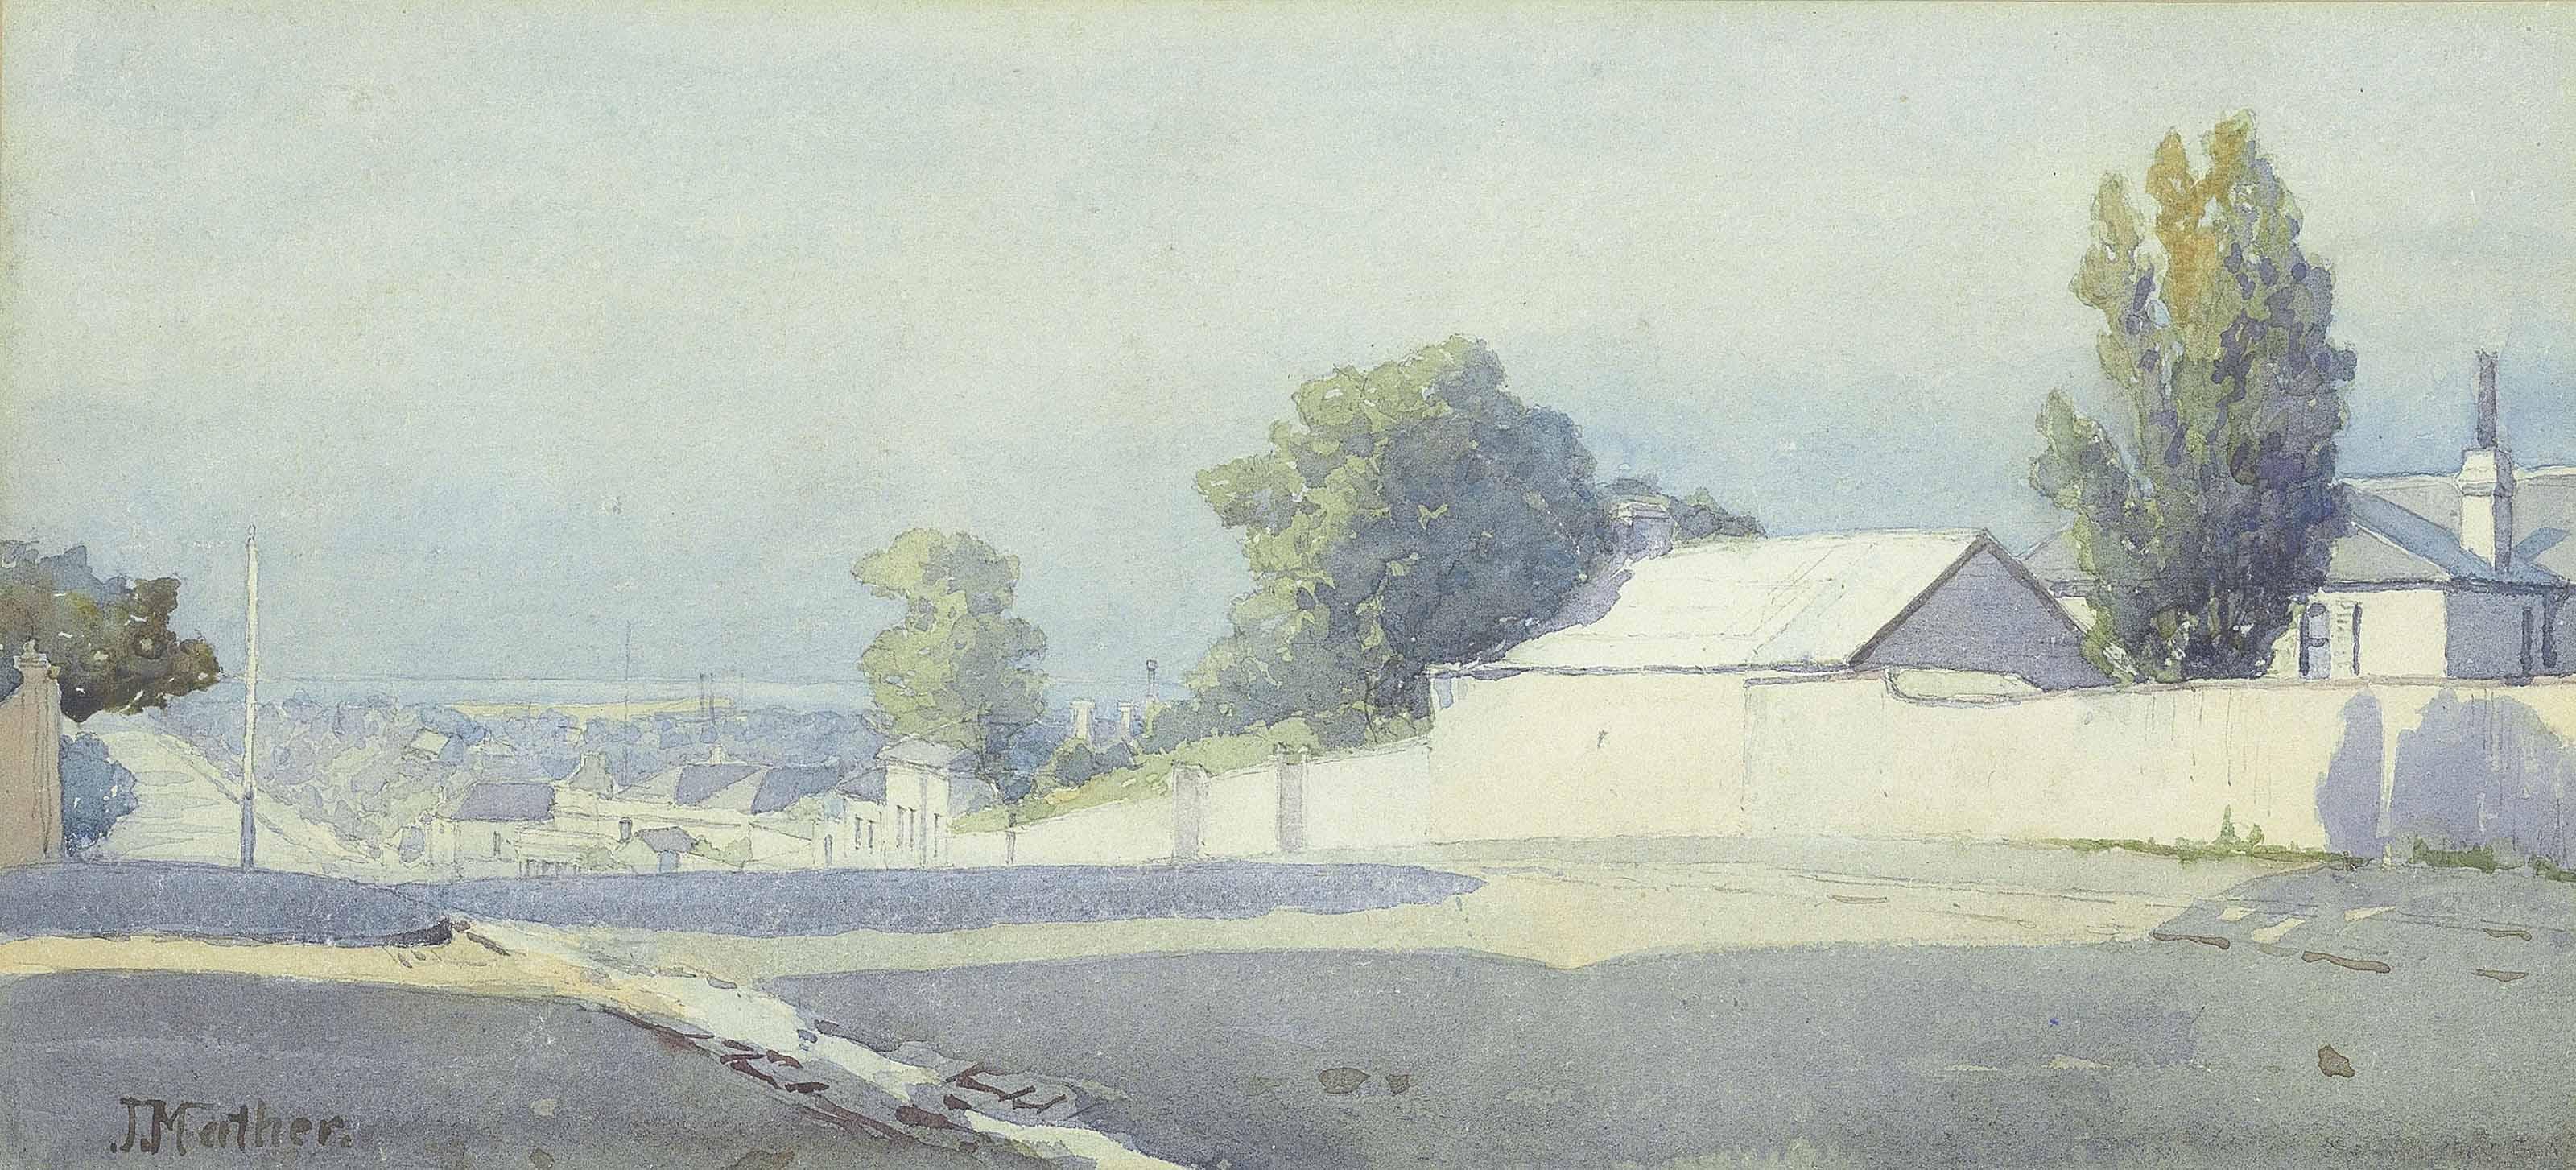 John Mather (1848-1916)